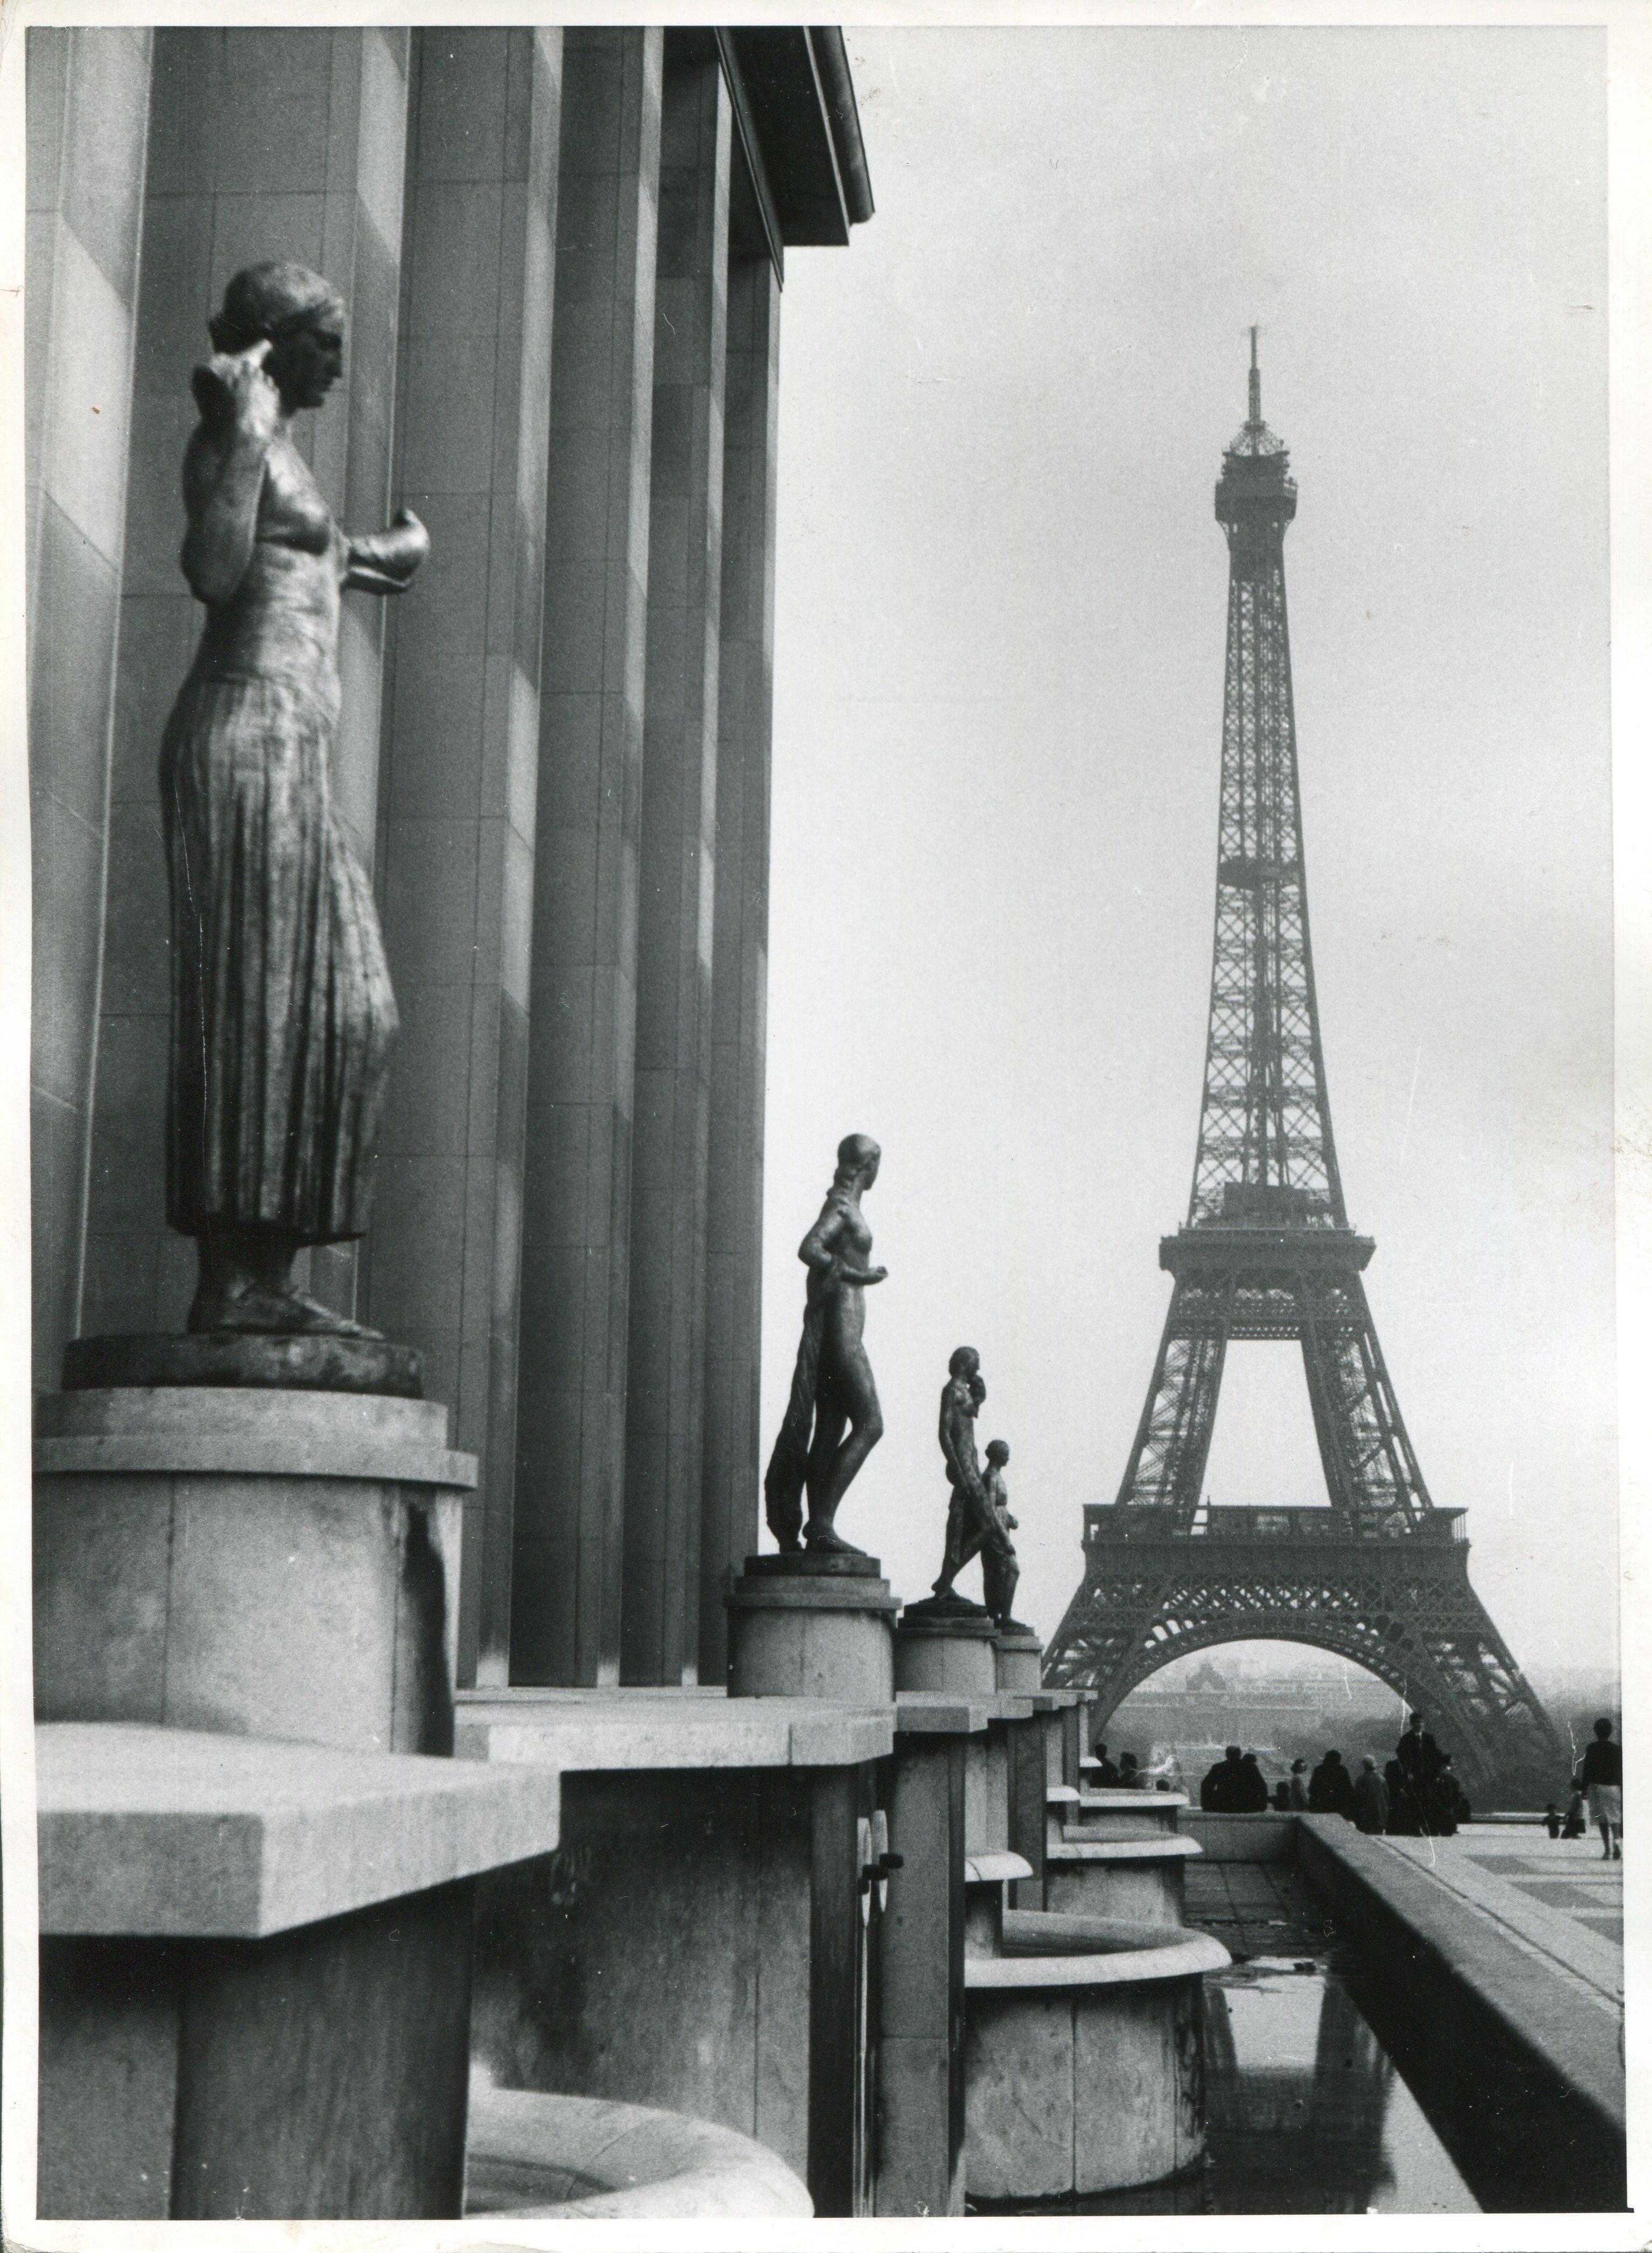 Eifeltower, Paris, 1955